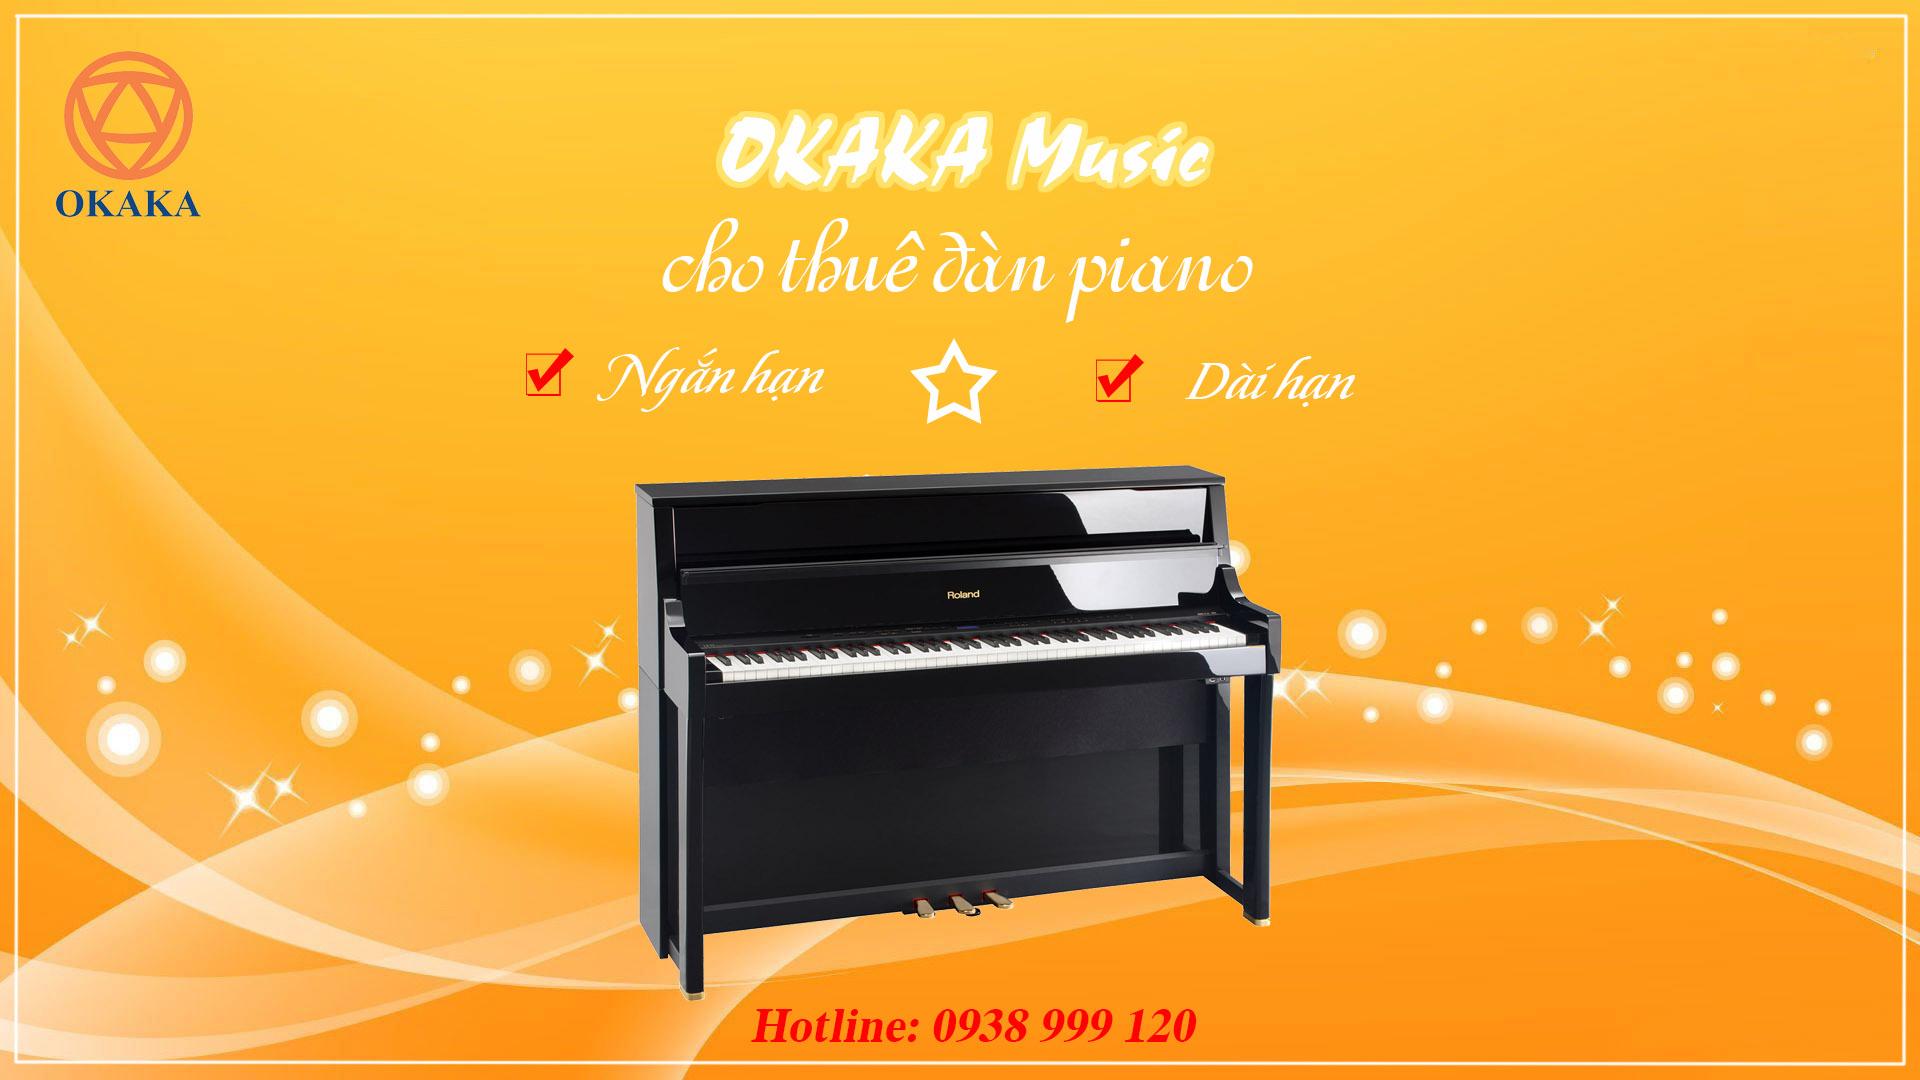 Gần đây có rất nhiều khách hàng (chat inbox, comment, gửi email…) hỏi về dịch vụ cho thuê đàn piano ở OKAKA Music. Bài viết này tổng hợp tất cả những câu hỏi thường gặp để bạn dễ theo dõi.